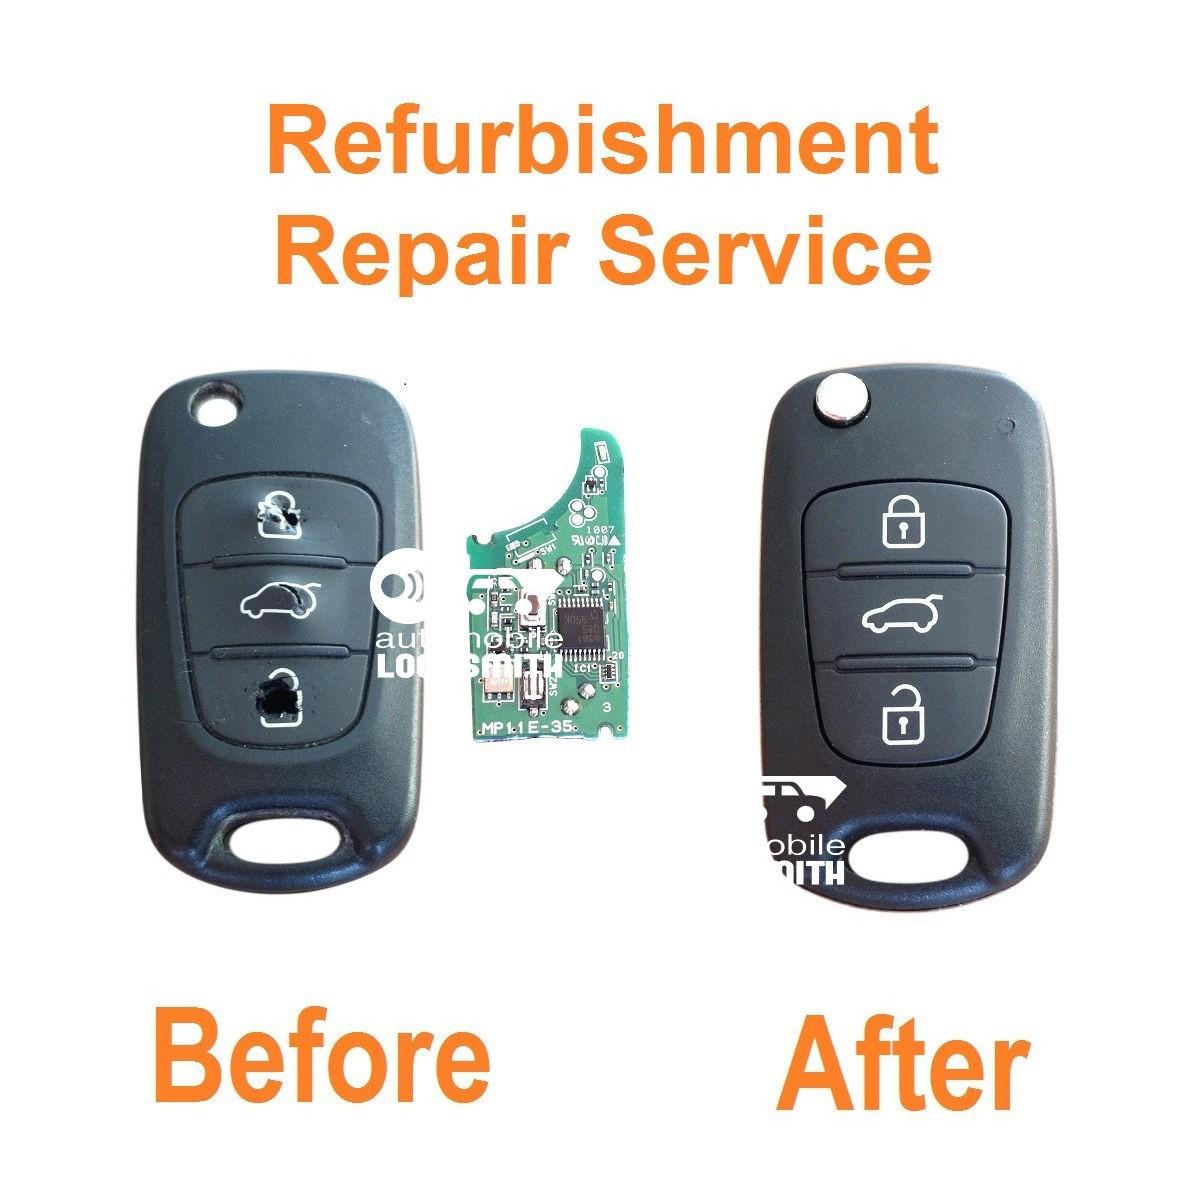 Refurbishment repair service for Kia Rio Ceed Sportage Picanto Sorento Cerato 3 button remote flip key fob